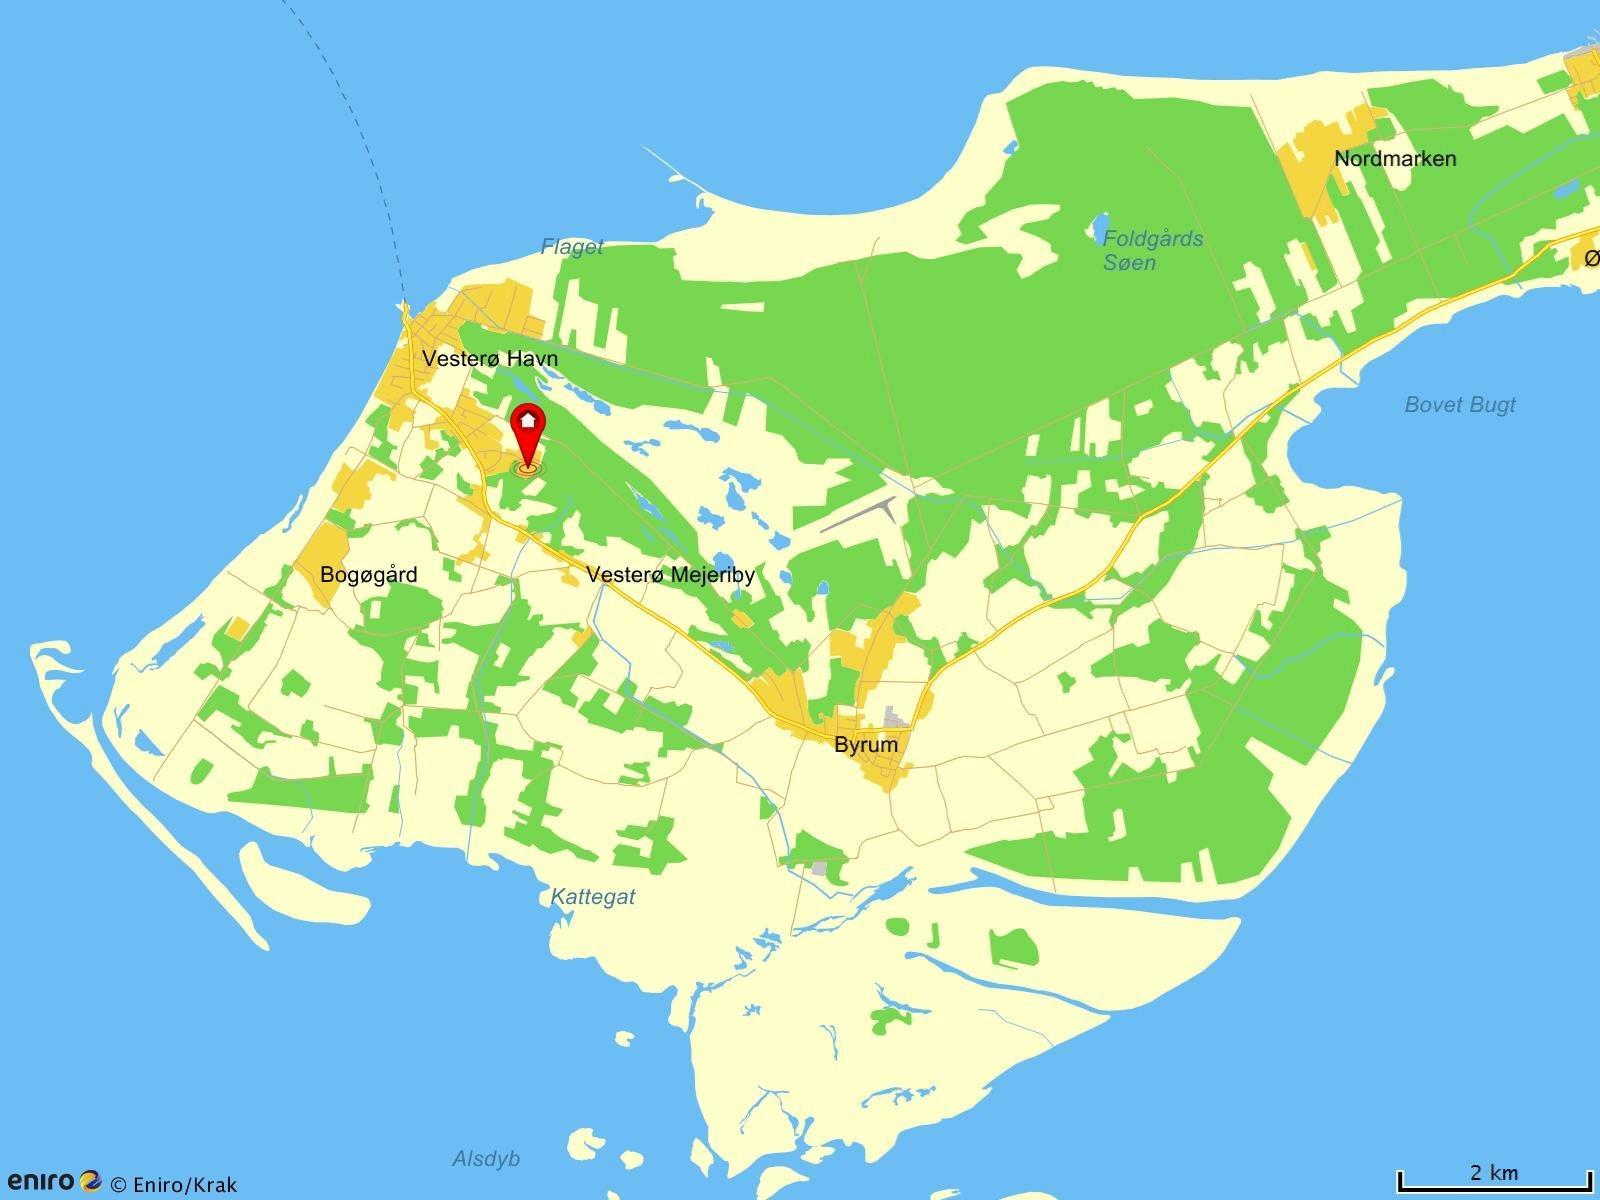 Fritidsgrund på Følfodvej i Læsø - Andet